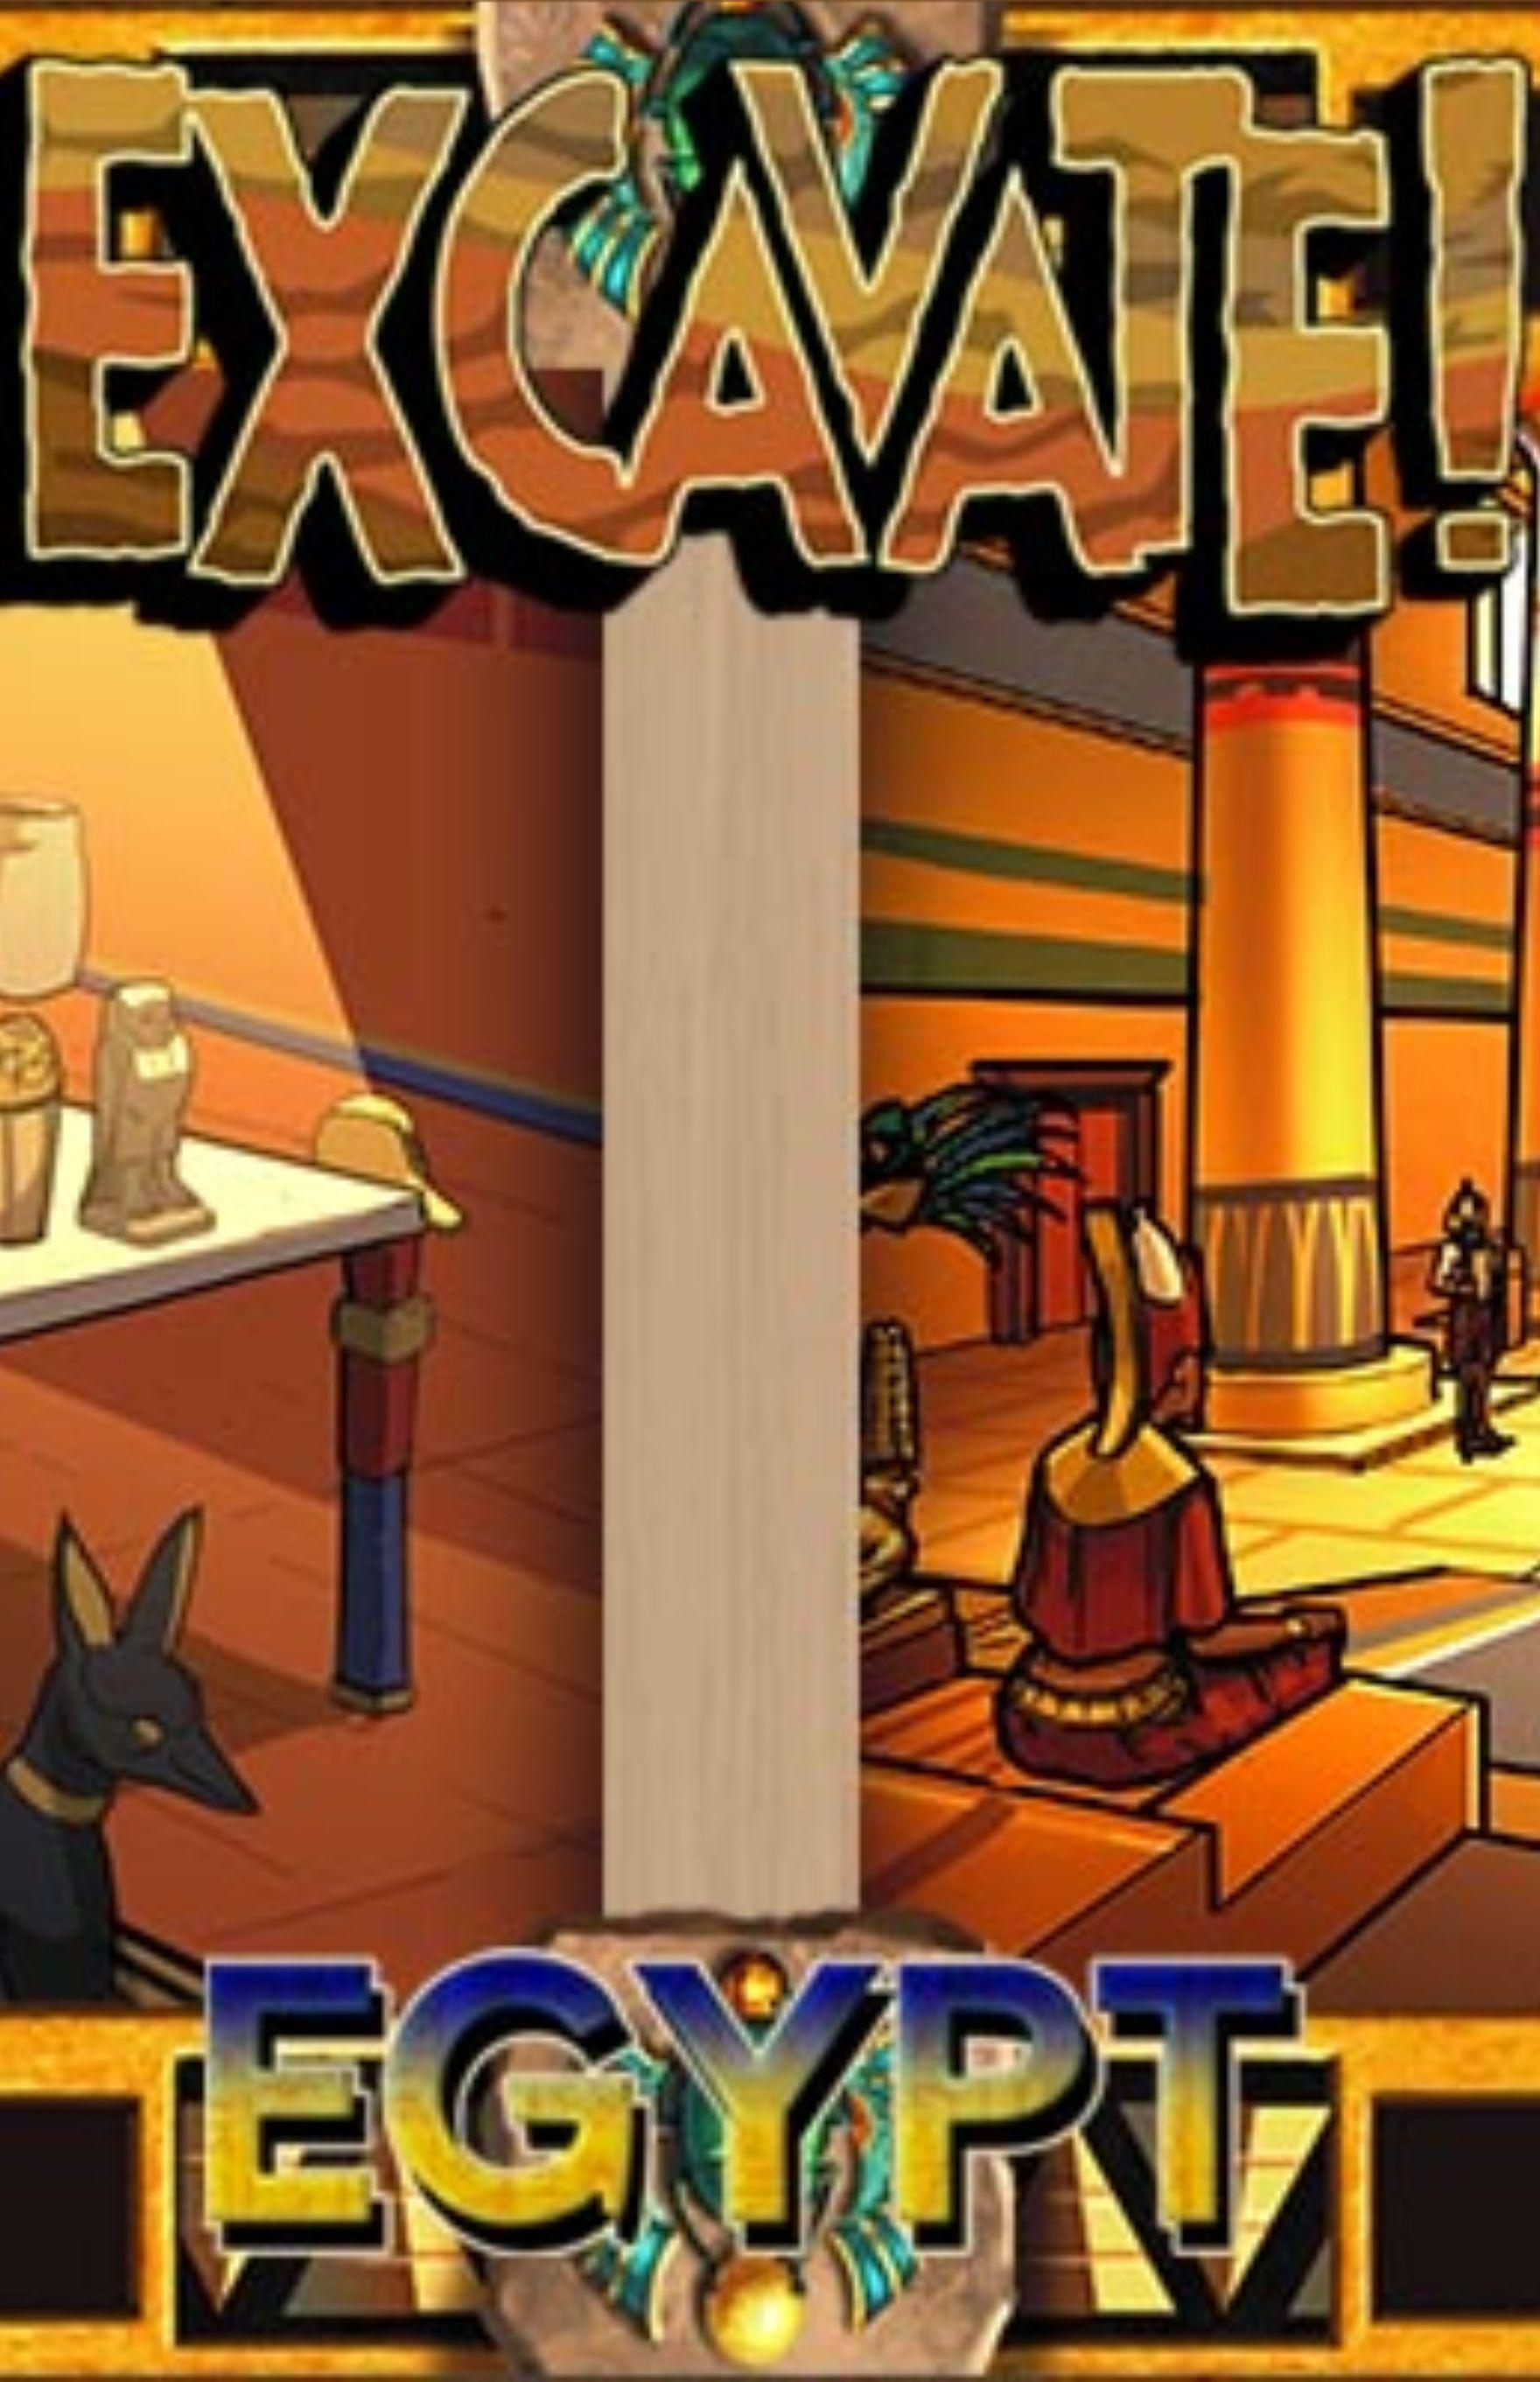 Excavate Egypt